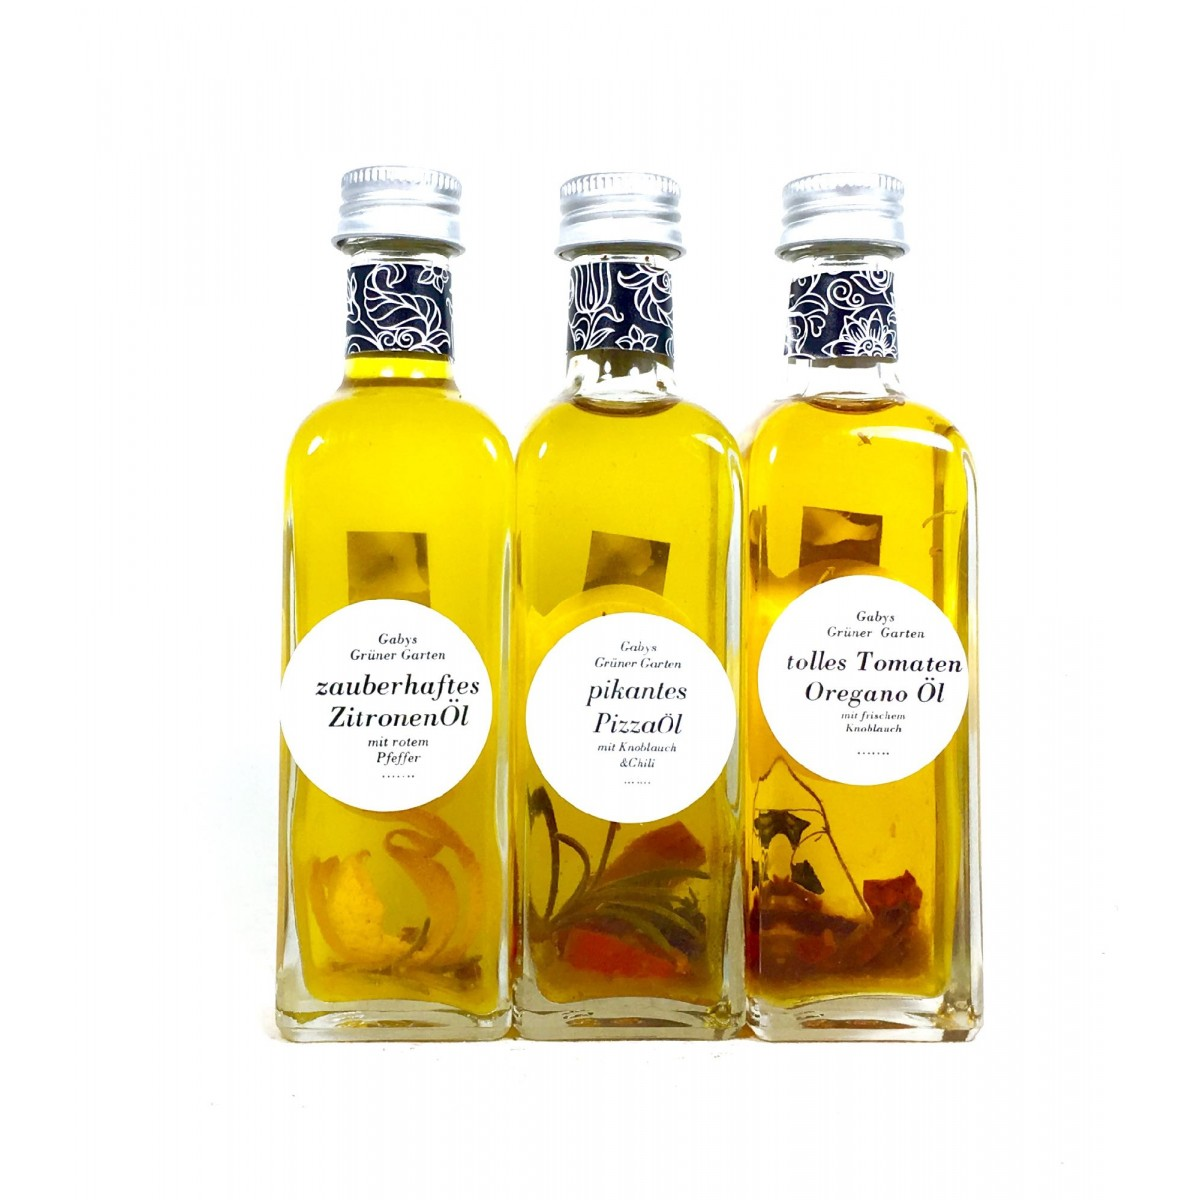 Gabys Grüner Garten  sensationelles Olivenöl Set 300ml